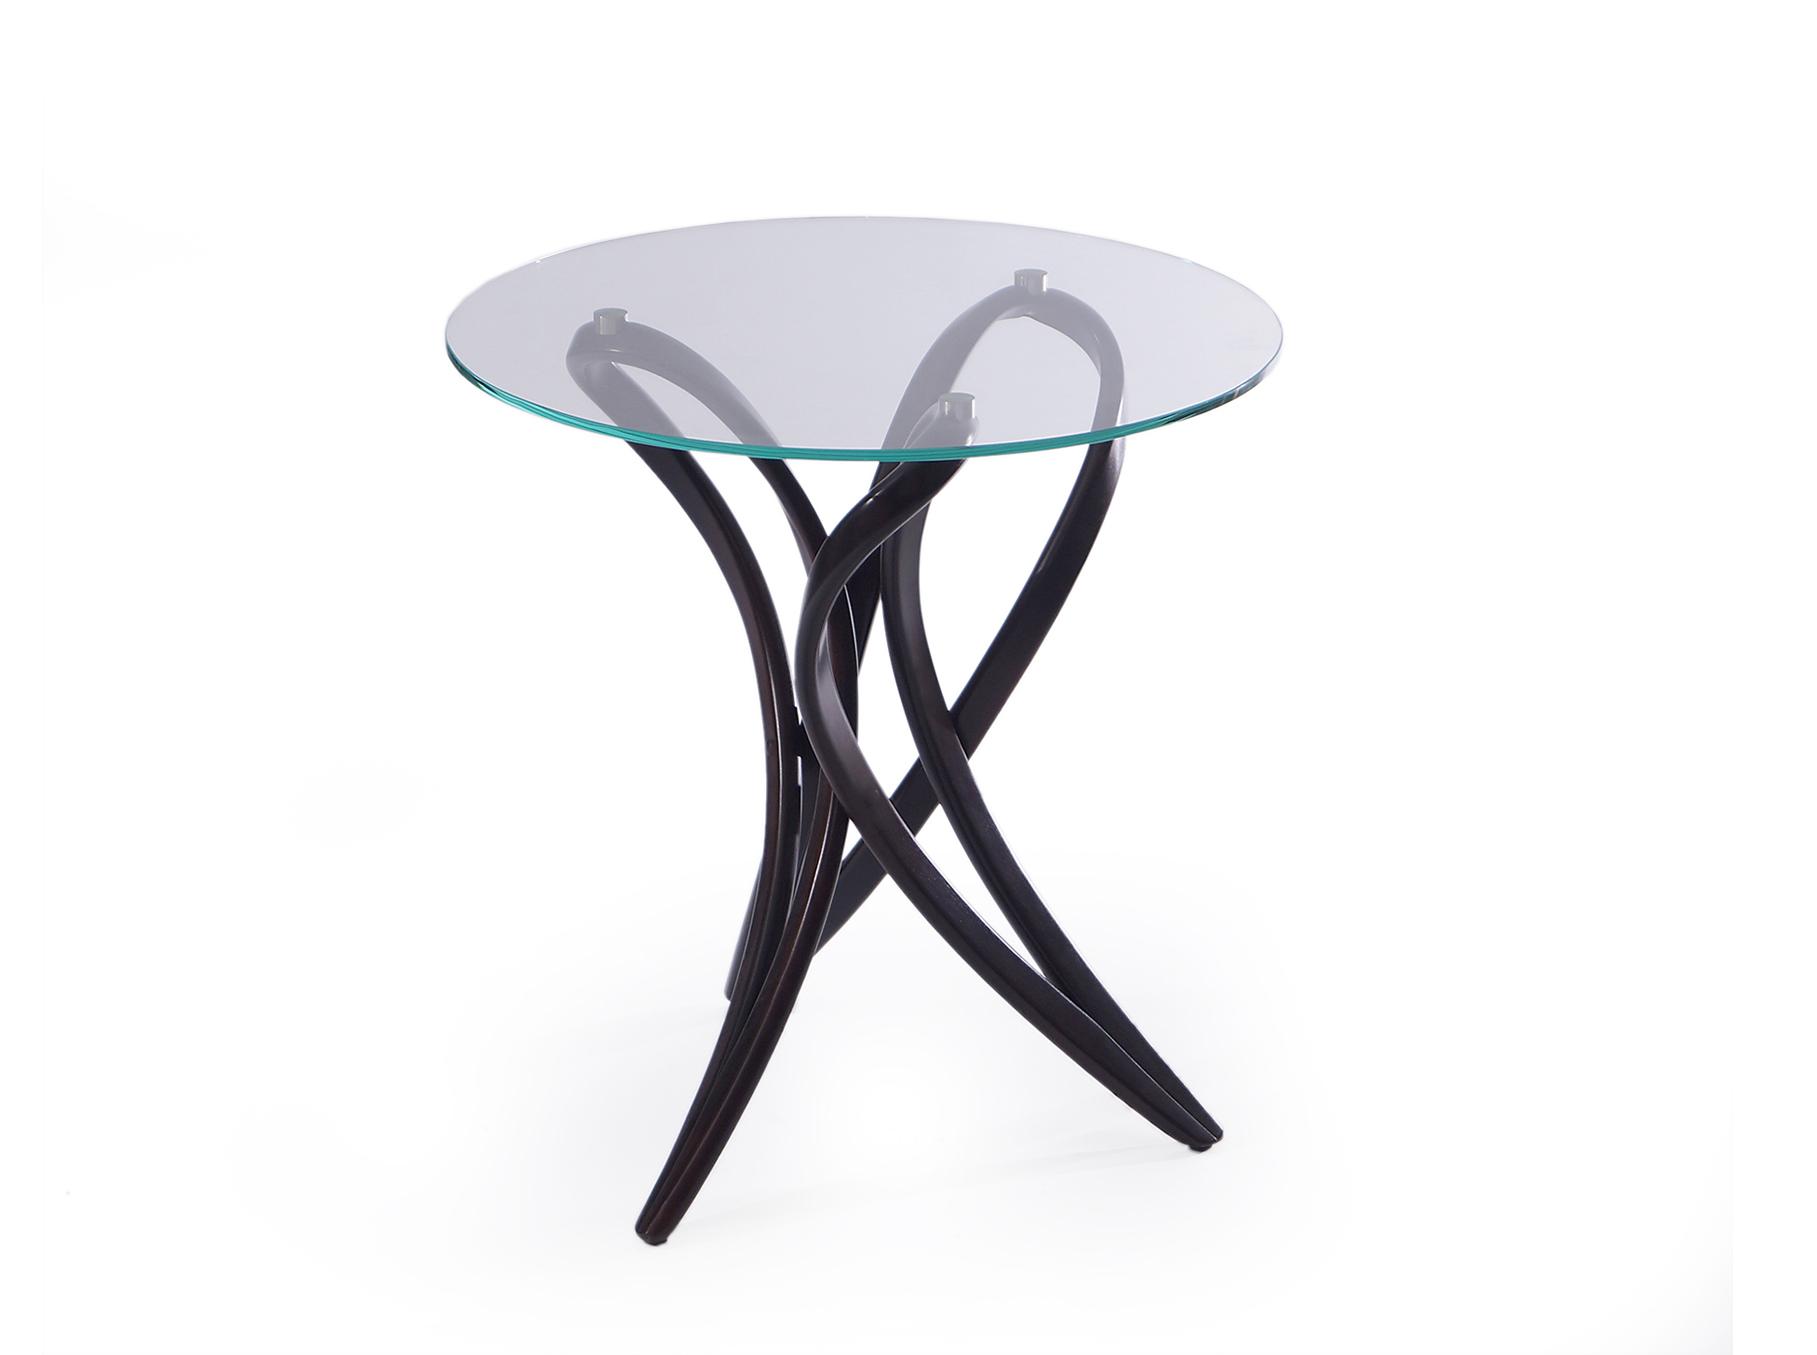 """Стол кофейный Apriori VКофейные столики<br>&amp;lt;div&amp;gt;Стол кофейный с основанием из гнутого дерева из асимметричной коллекции. Хорошо сочетается со стульям серии """"Brazo"""" . В интерьере может использоваться как небольшой обеденный стол.&amp;amp;nbsp;&amp;lt;/div&amp;gt;&amp;lt;div&amp;gt;&amp;lt;br&amp;gt;&amp;lt;/div&amp;gt;&amp;lt;div&amp;gt;Материал: натуральное дерево береза (9тон венге).&amp;lt;/div&amp;gt;<br><br>Material: Стекло<br>Length см: None<br>Width см: None<br>Height см: 75<br>Diameter см: 70"""